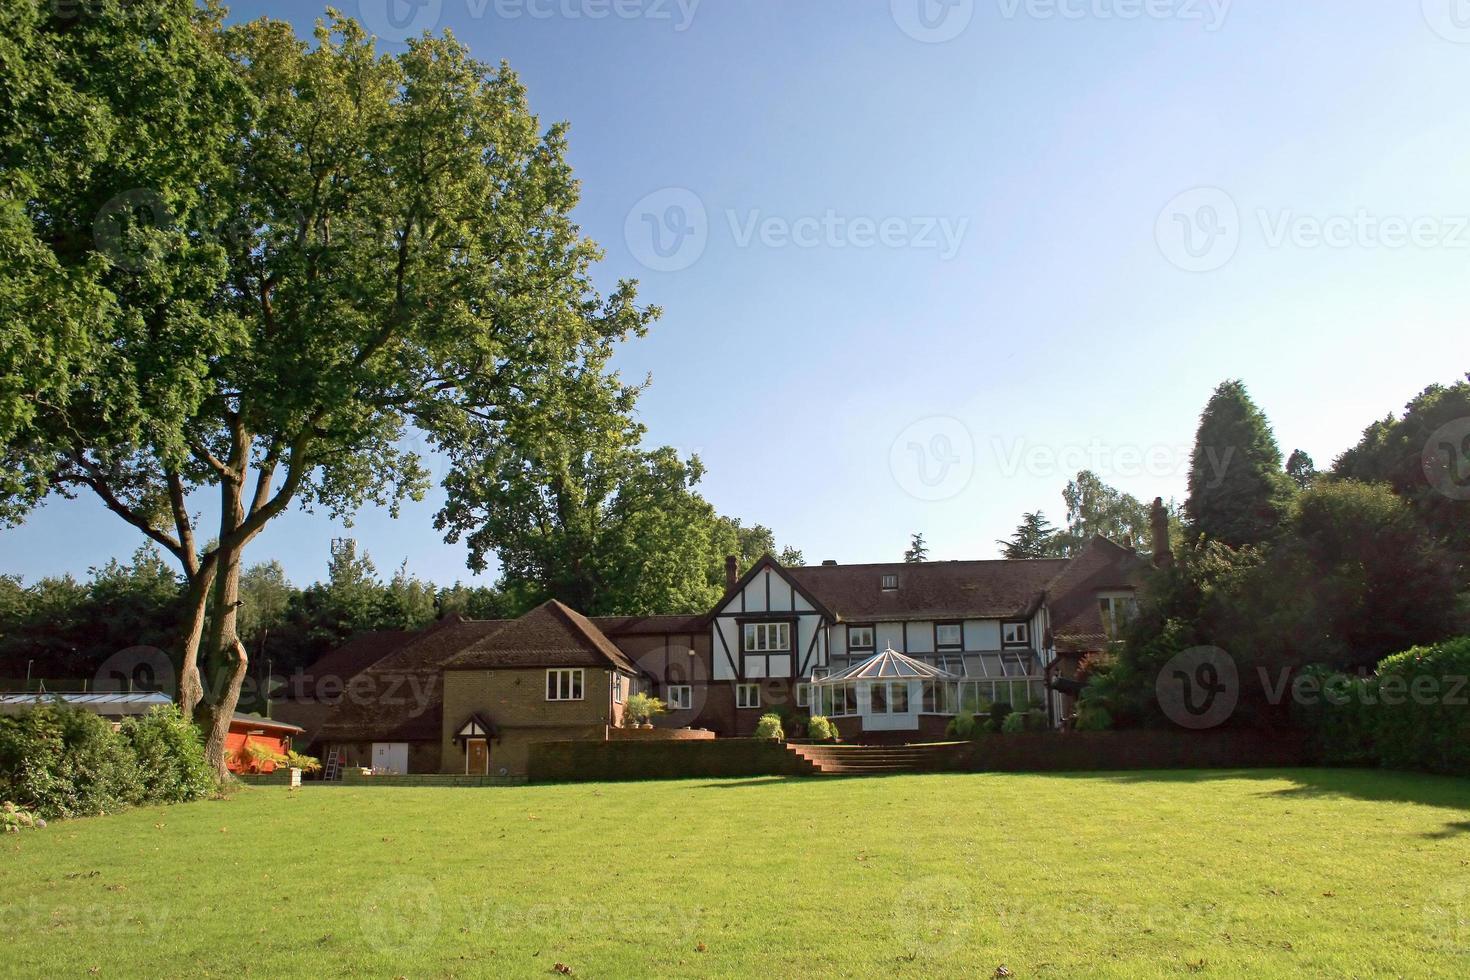 patio grande y casa tudor con árbol alto foto